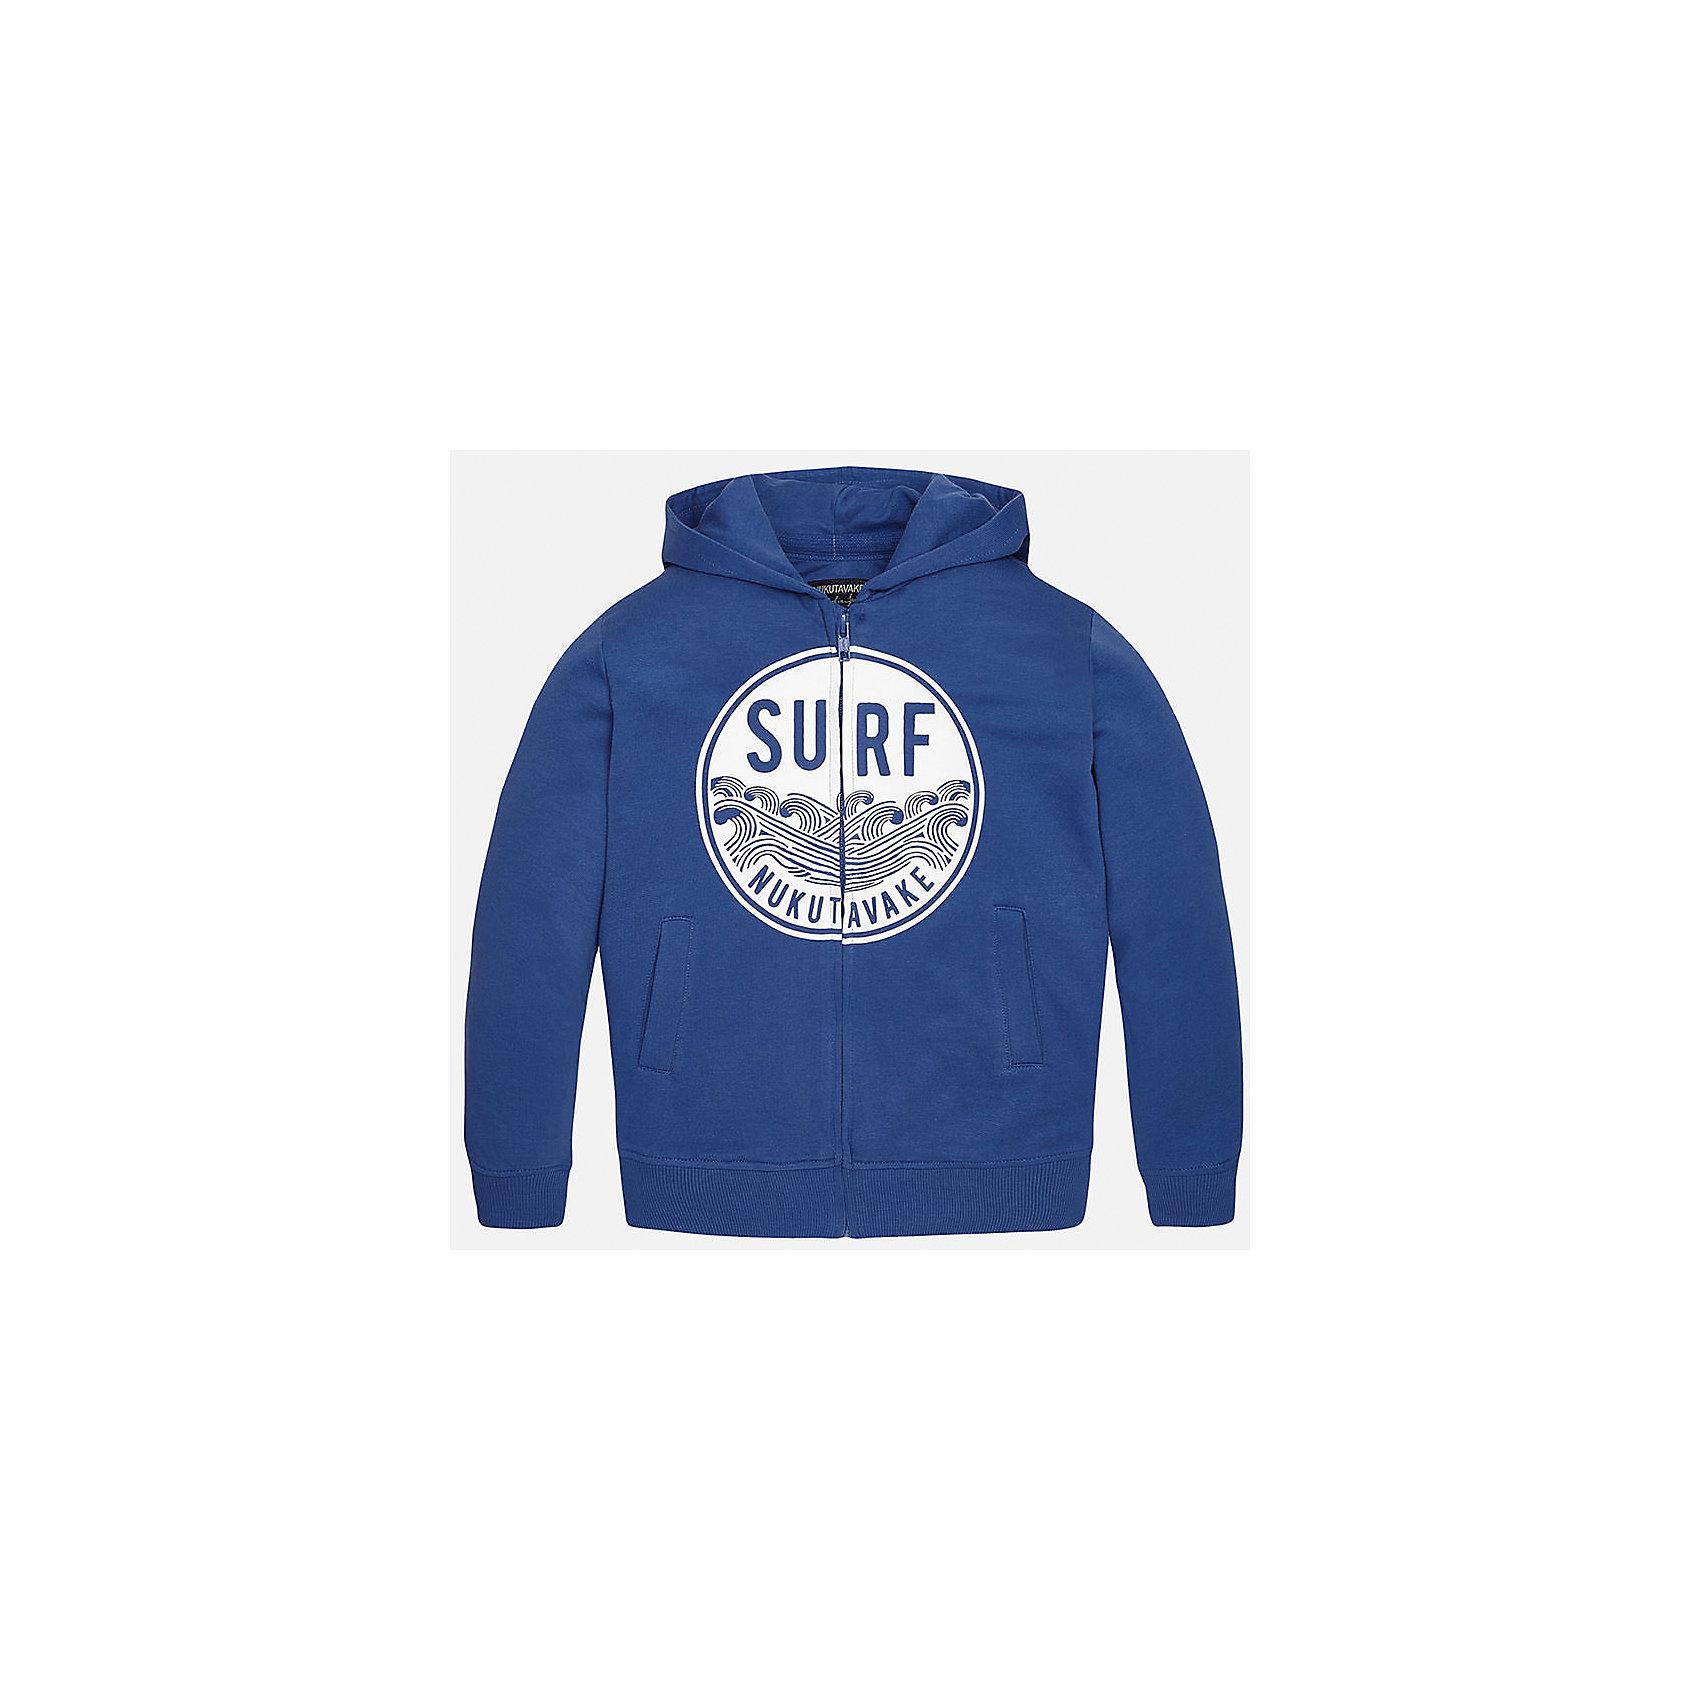 Толстовка для мальчика MayoralТолстовки<br>Характеристики товара:<br><br>• цвет: синий<br>• состав: 60% хлопок, 40% полиэстер<br>• капюшон<br>• карманы<br>• застежка: молния<br>• принт<br>• страна бренда: Испания<br><br>Модная куртка для мальчика может стать базовой вещью в гардеробе ребенка. Она отлично сочетается с майками, футболками, рубашками и т.д. Универсальный крой и цвет позволяет подобрать к вещи низ разных расцветок. Практичное и стильное изделие! В составе материала - натуральный хлопок, гипоаллергенный, приятный на ощупь, дышащий.<br><br>Одежда, обувь и аксессуары от испанского бренда Mayoral полюбились детям и взрослым по всему миру. Модели этой марки - стильные и удобные. Для их производства используются только безопасные, качественные материалы и фурнитура. Порадуйте ребенка модными и красивыми вещами от Mayoral! <br><br>Куртку для мальчика от испанского бренда Mayoral (Майорал) можно купить в нашем интернет-магазине.<br><br>Ширина мм: 356<br>Глубина мм: 10<br>Высота мм: 245<br>Вес г: 519<br>Цвет: синий<br>Возраст от месяцев: 84<br>Возраст до месяцев: 96<br>Пол: Мужской<br>Возраст: Детский<br>Размер: 128/134,158,164,152,140,170<br>SKU: 5281940